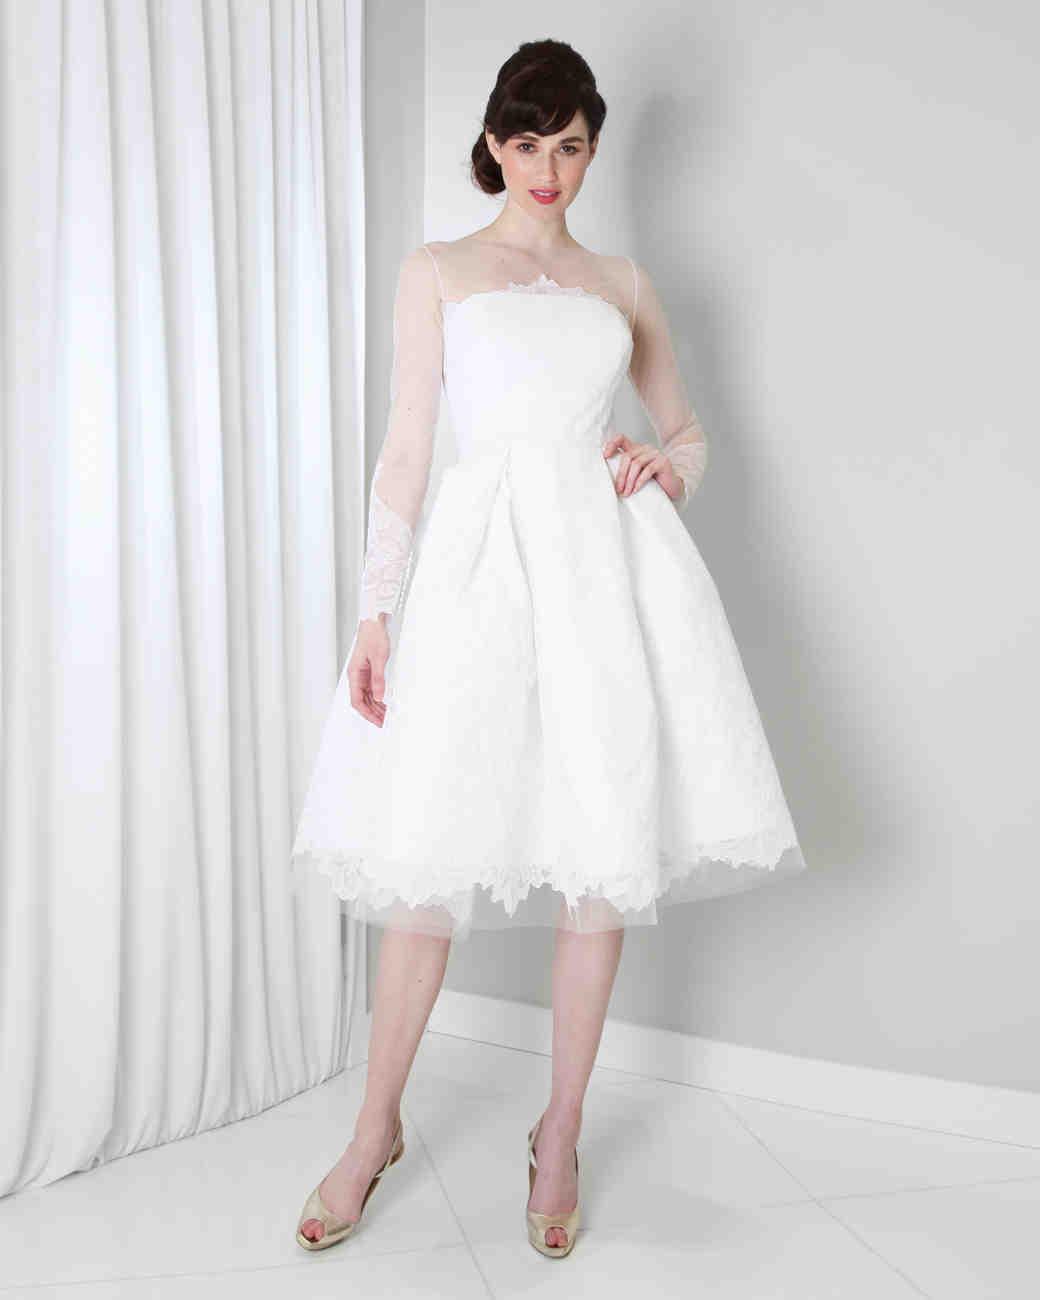 short-dresses-randi-rahm-spring2016-short-lace-dress-0515.jpg